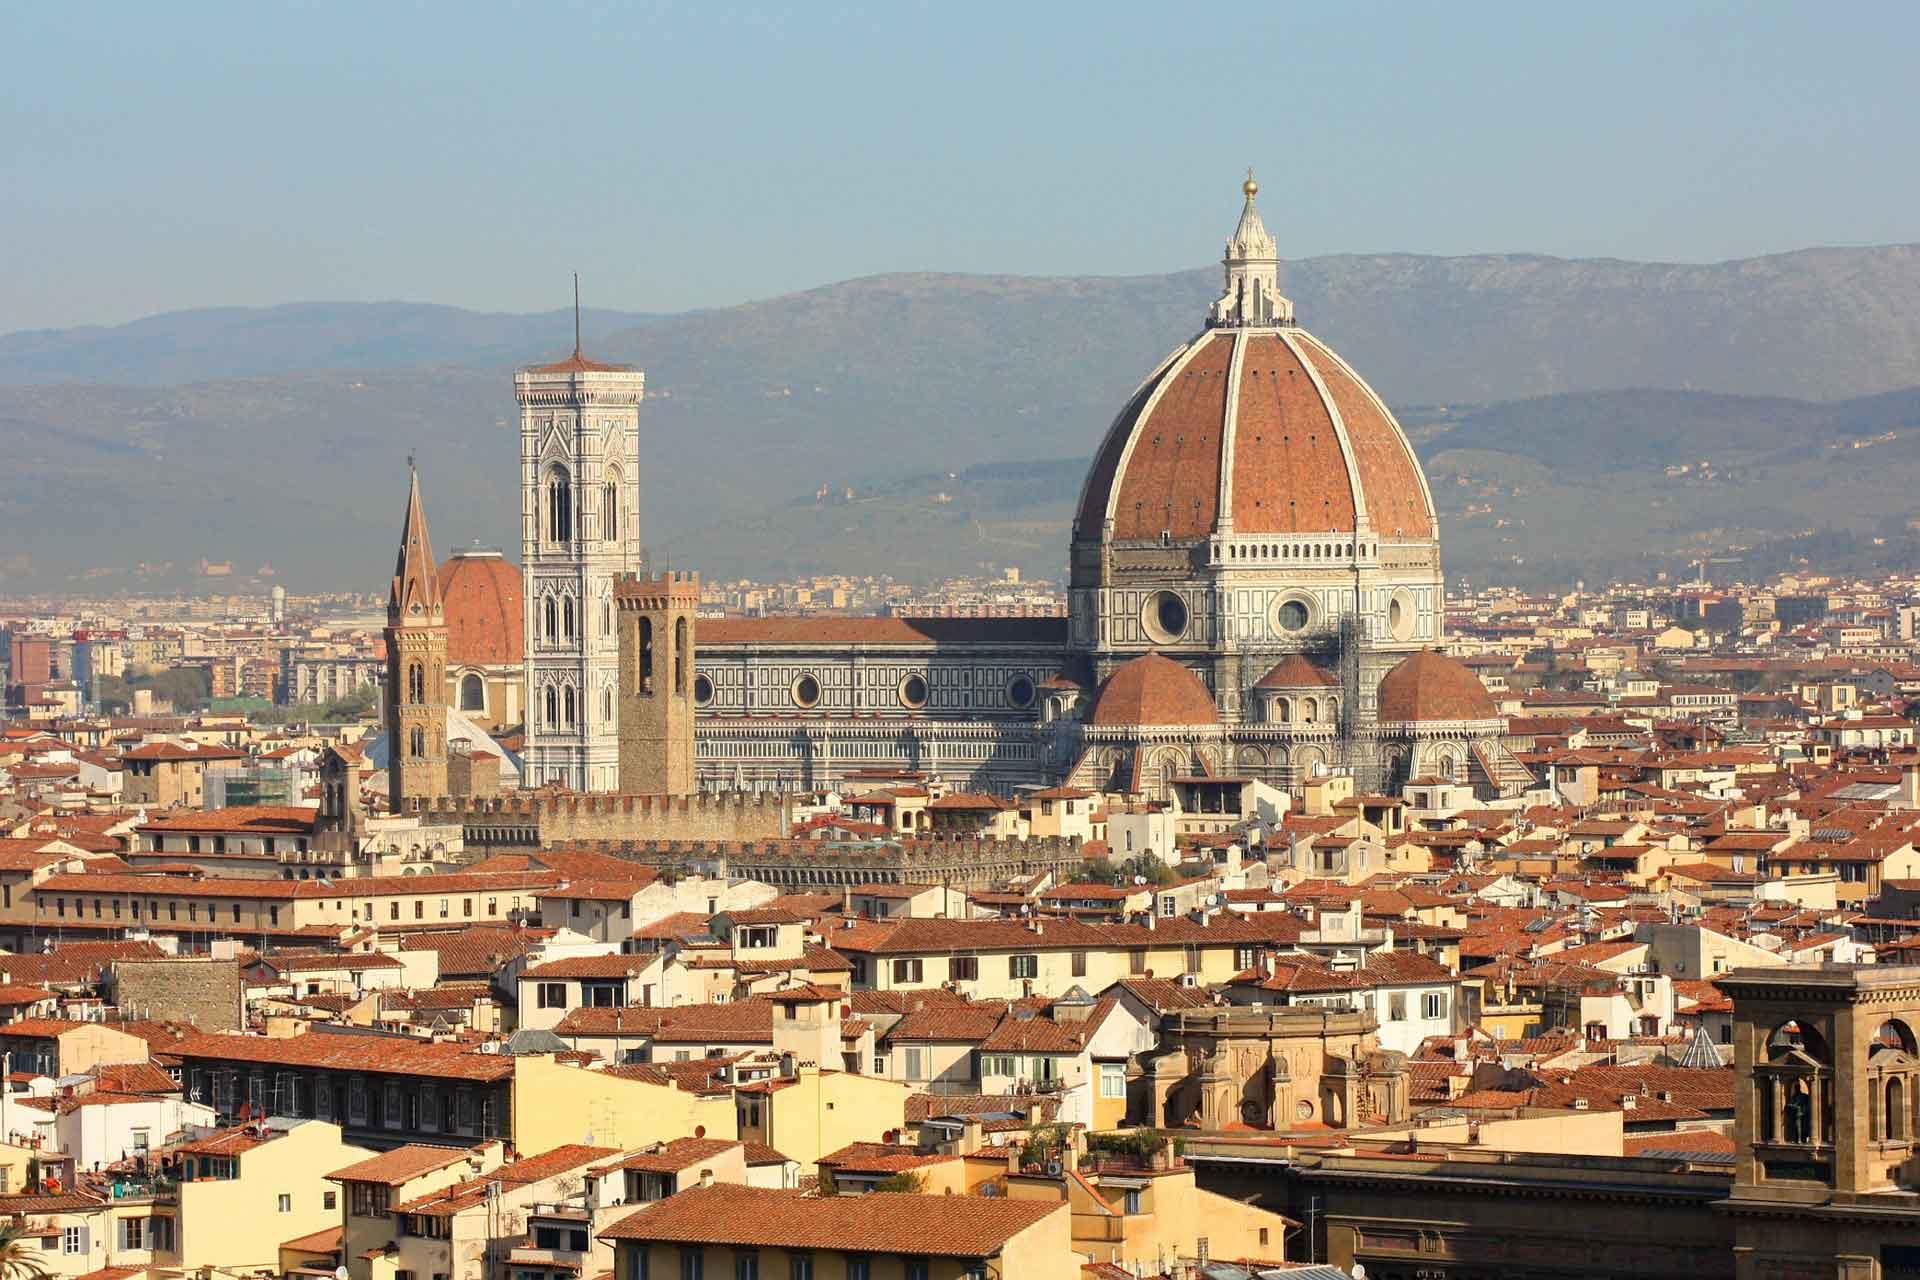 Обзорная Экскурсия по Флоренции с Русским Гидом